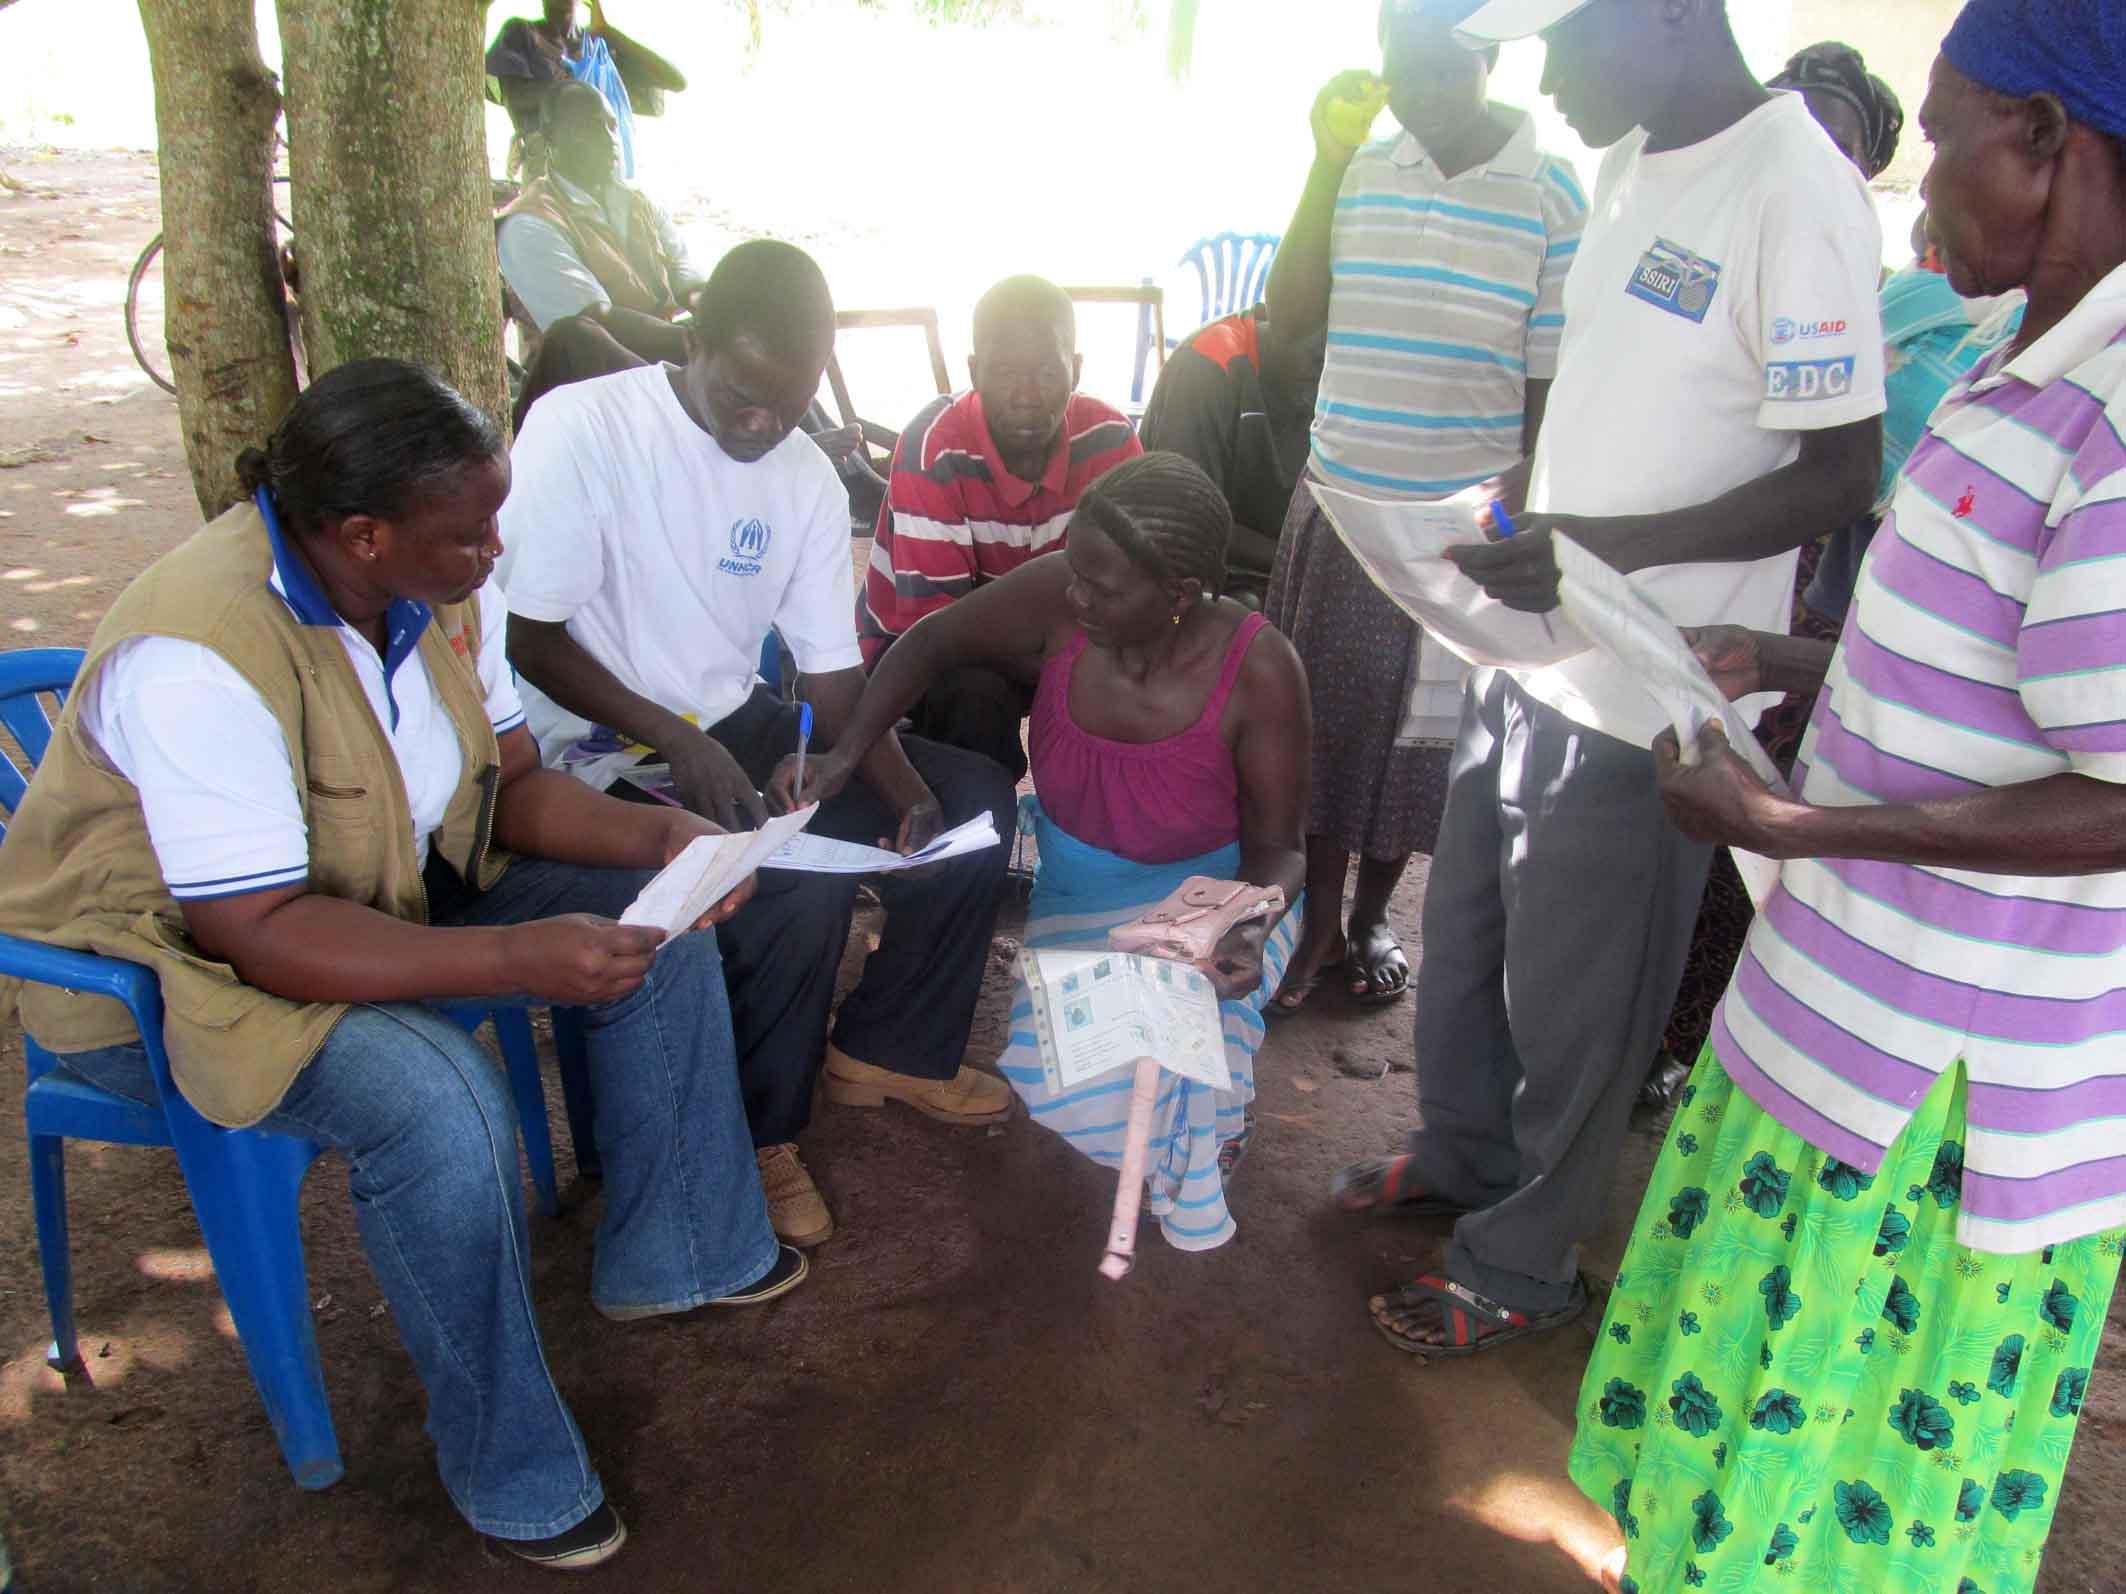 Distribuimos mosquiteras y kits de higiene a familias congoleñas refugiadas en Uganda